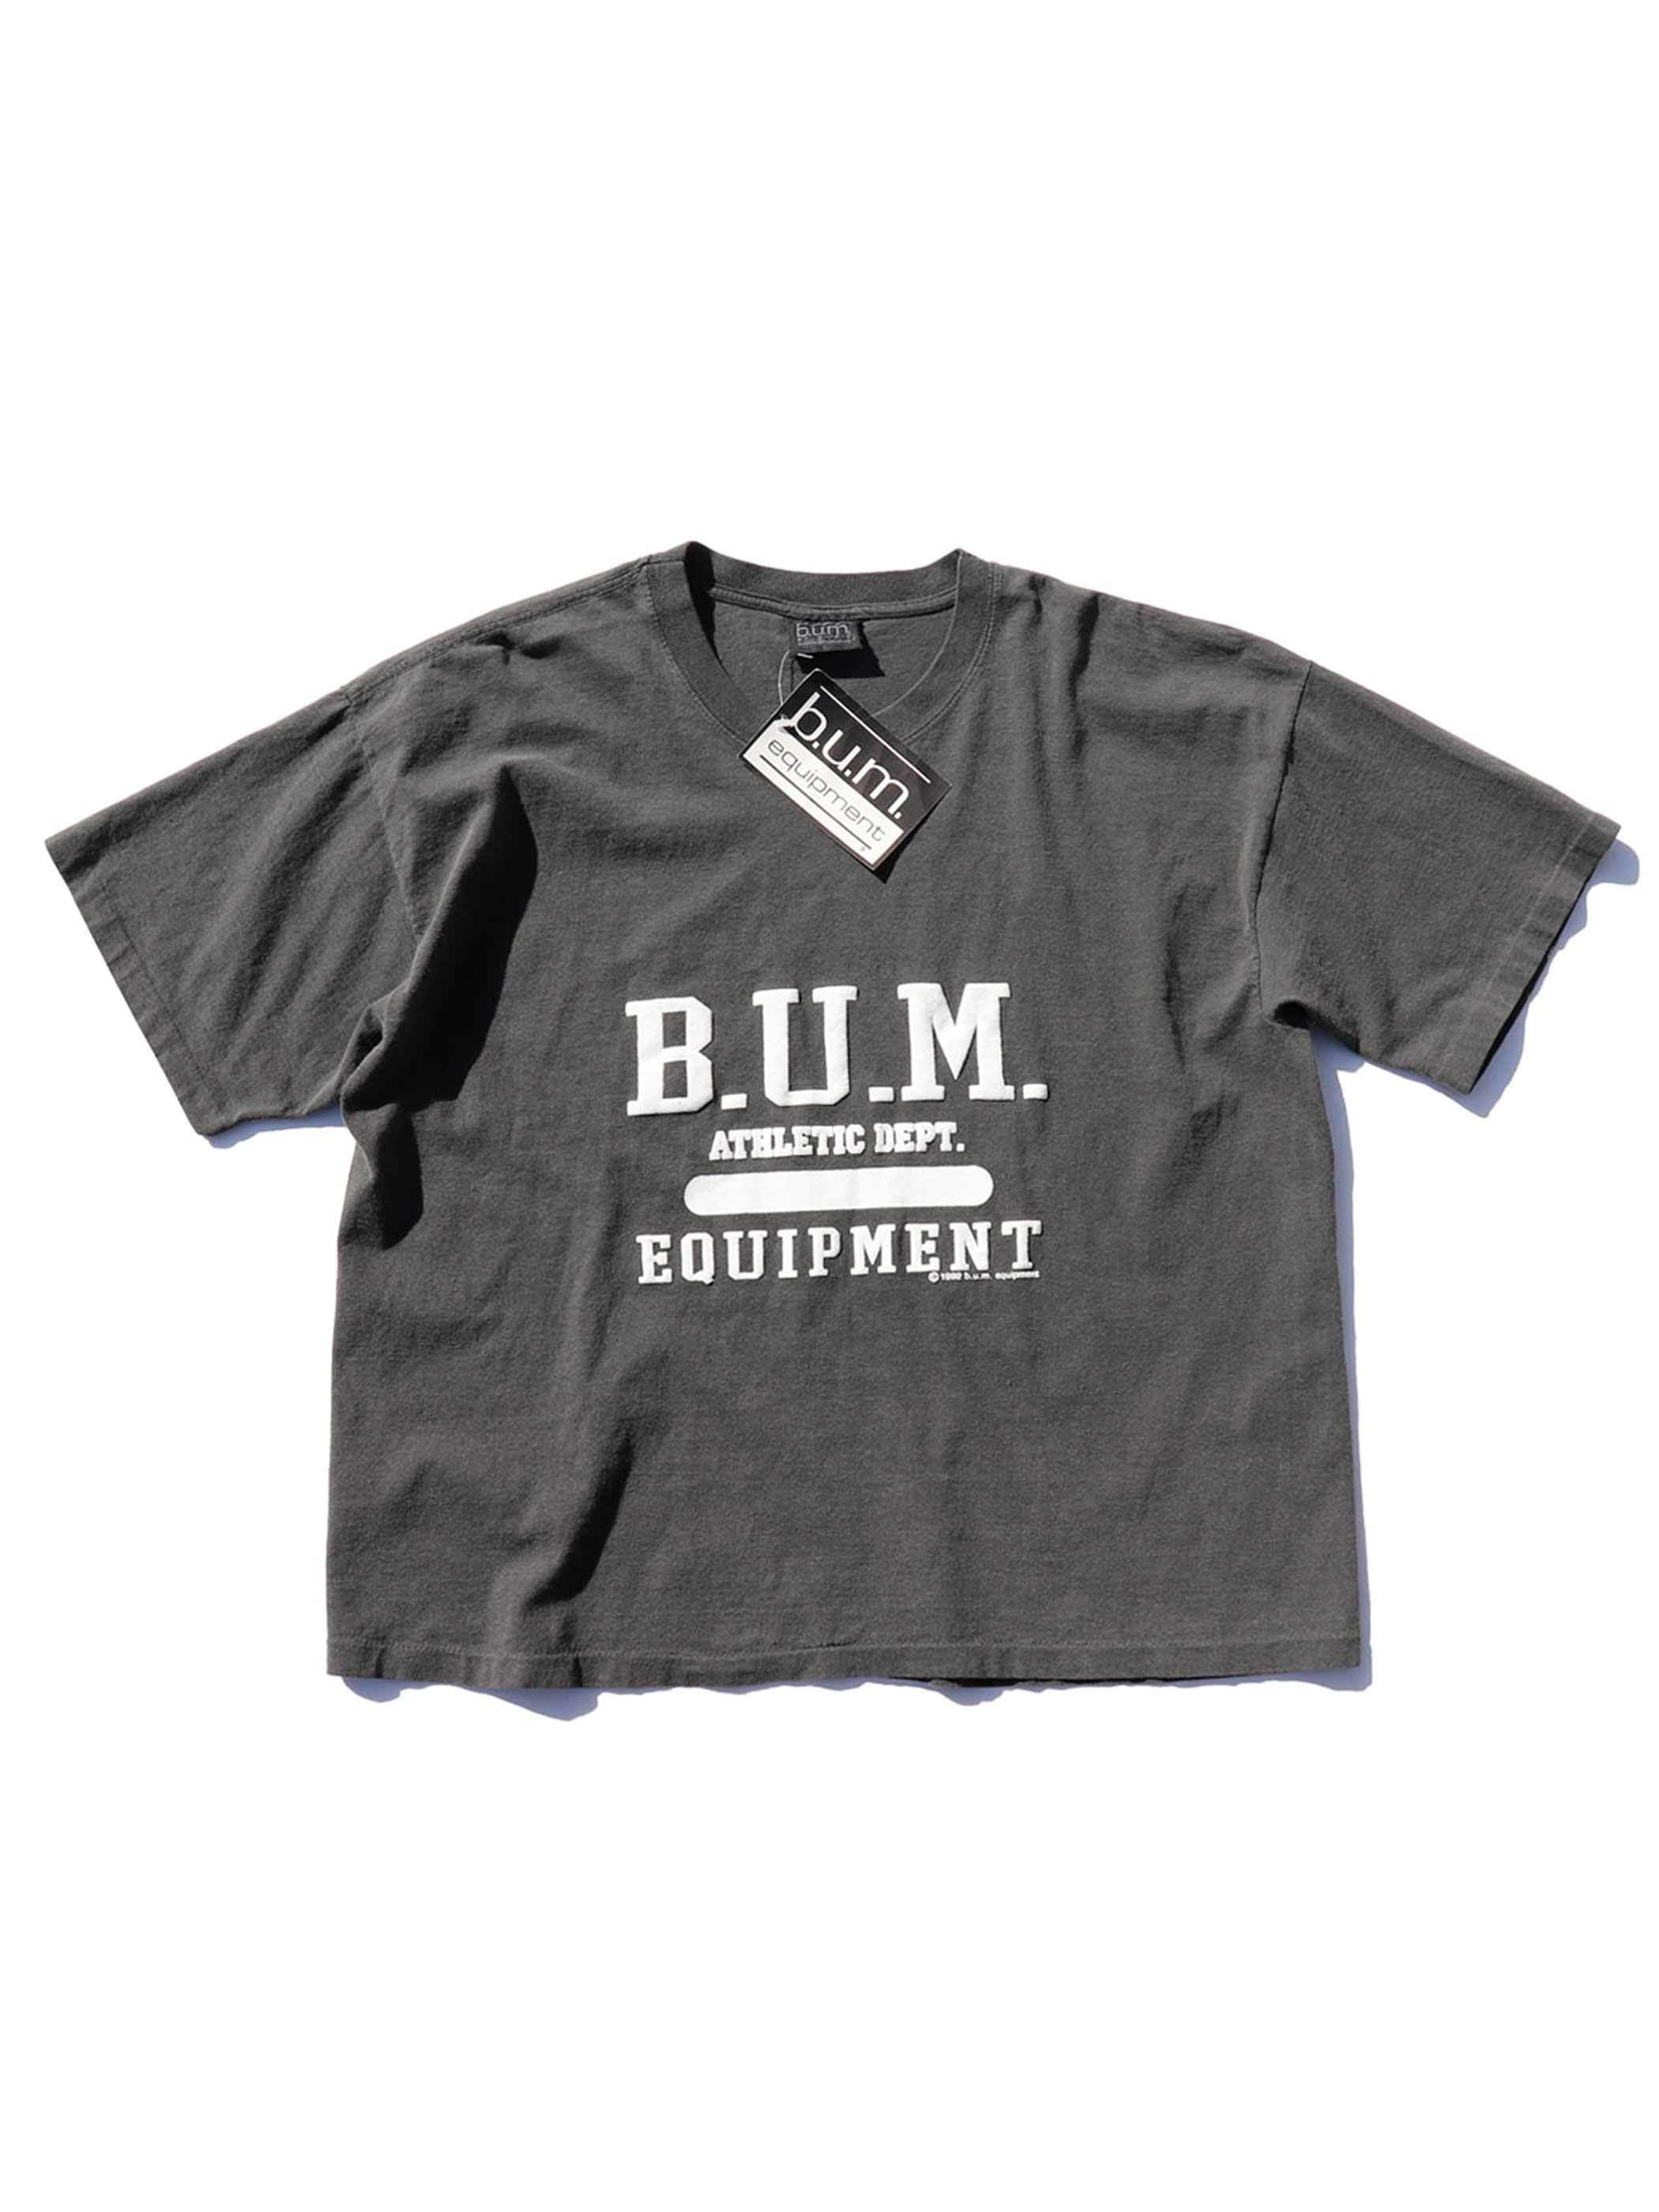 90's B.U.M. EQUIPMENT Tシャツ [DEAD STOCK] [L]